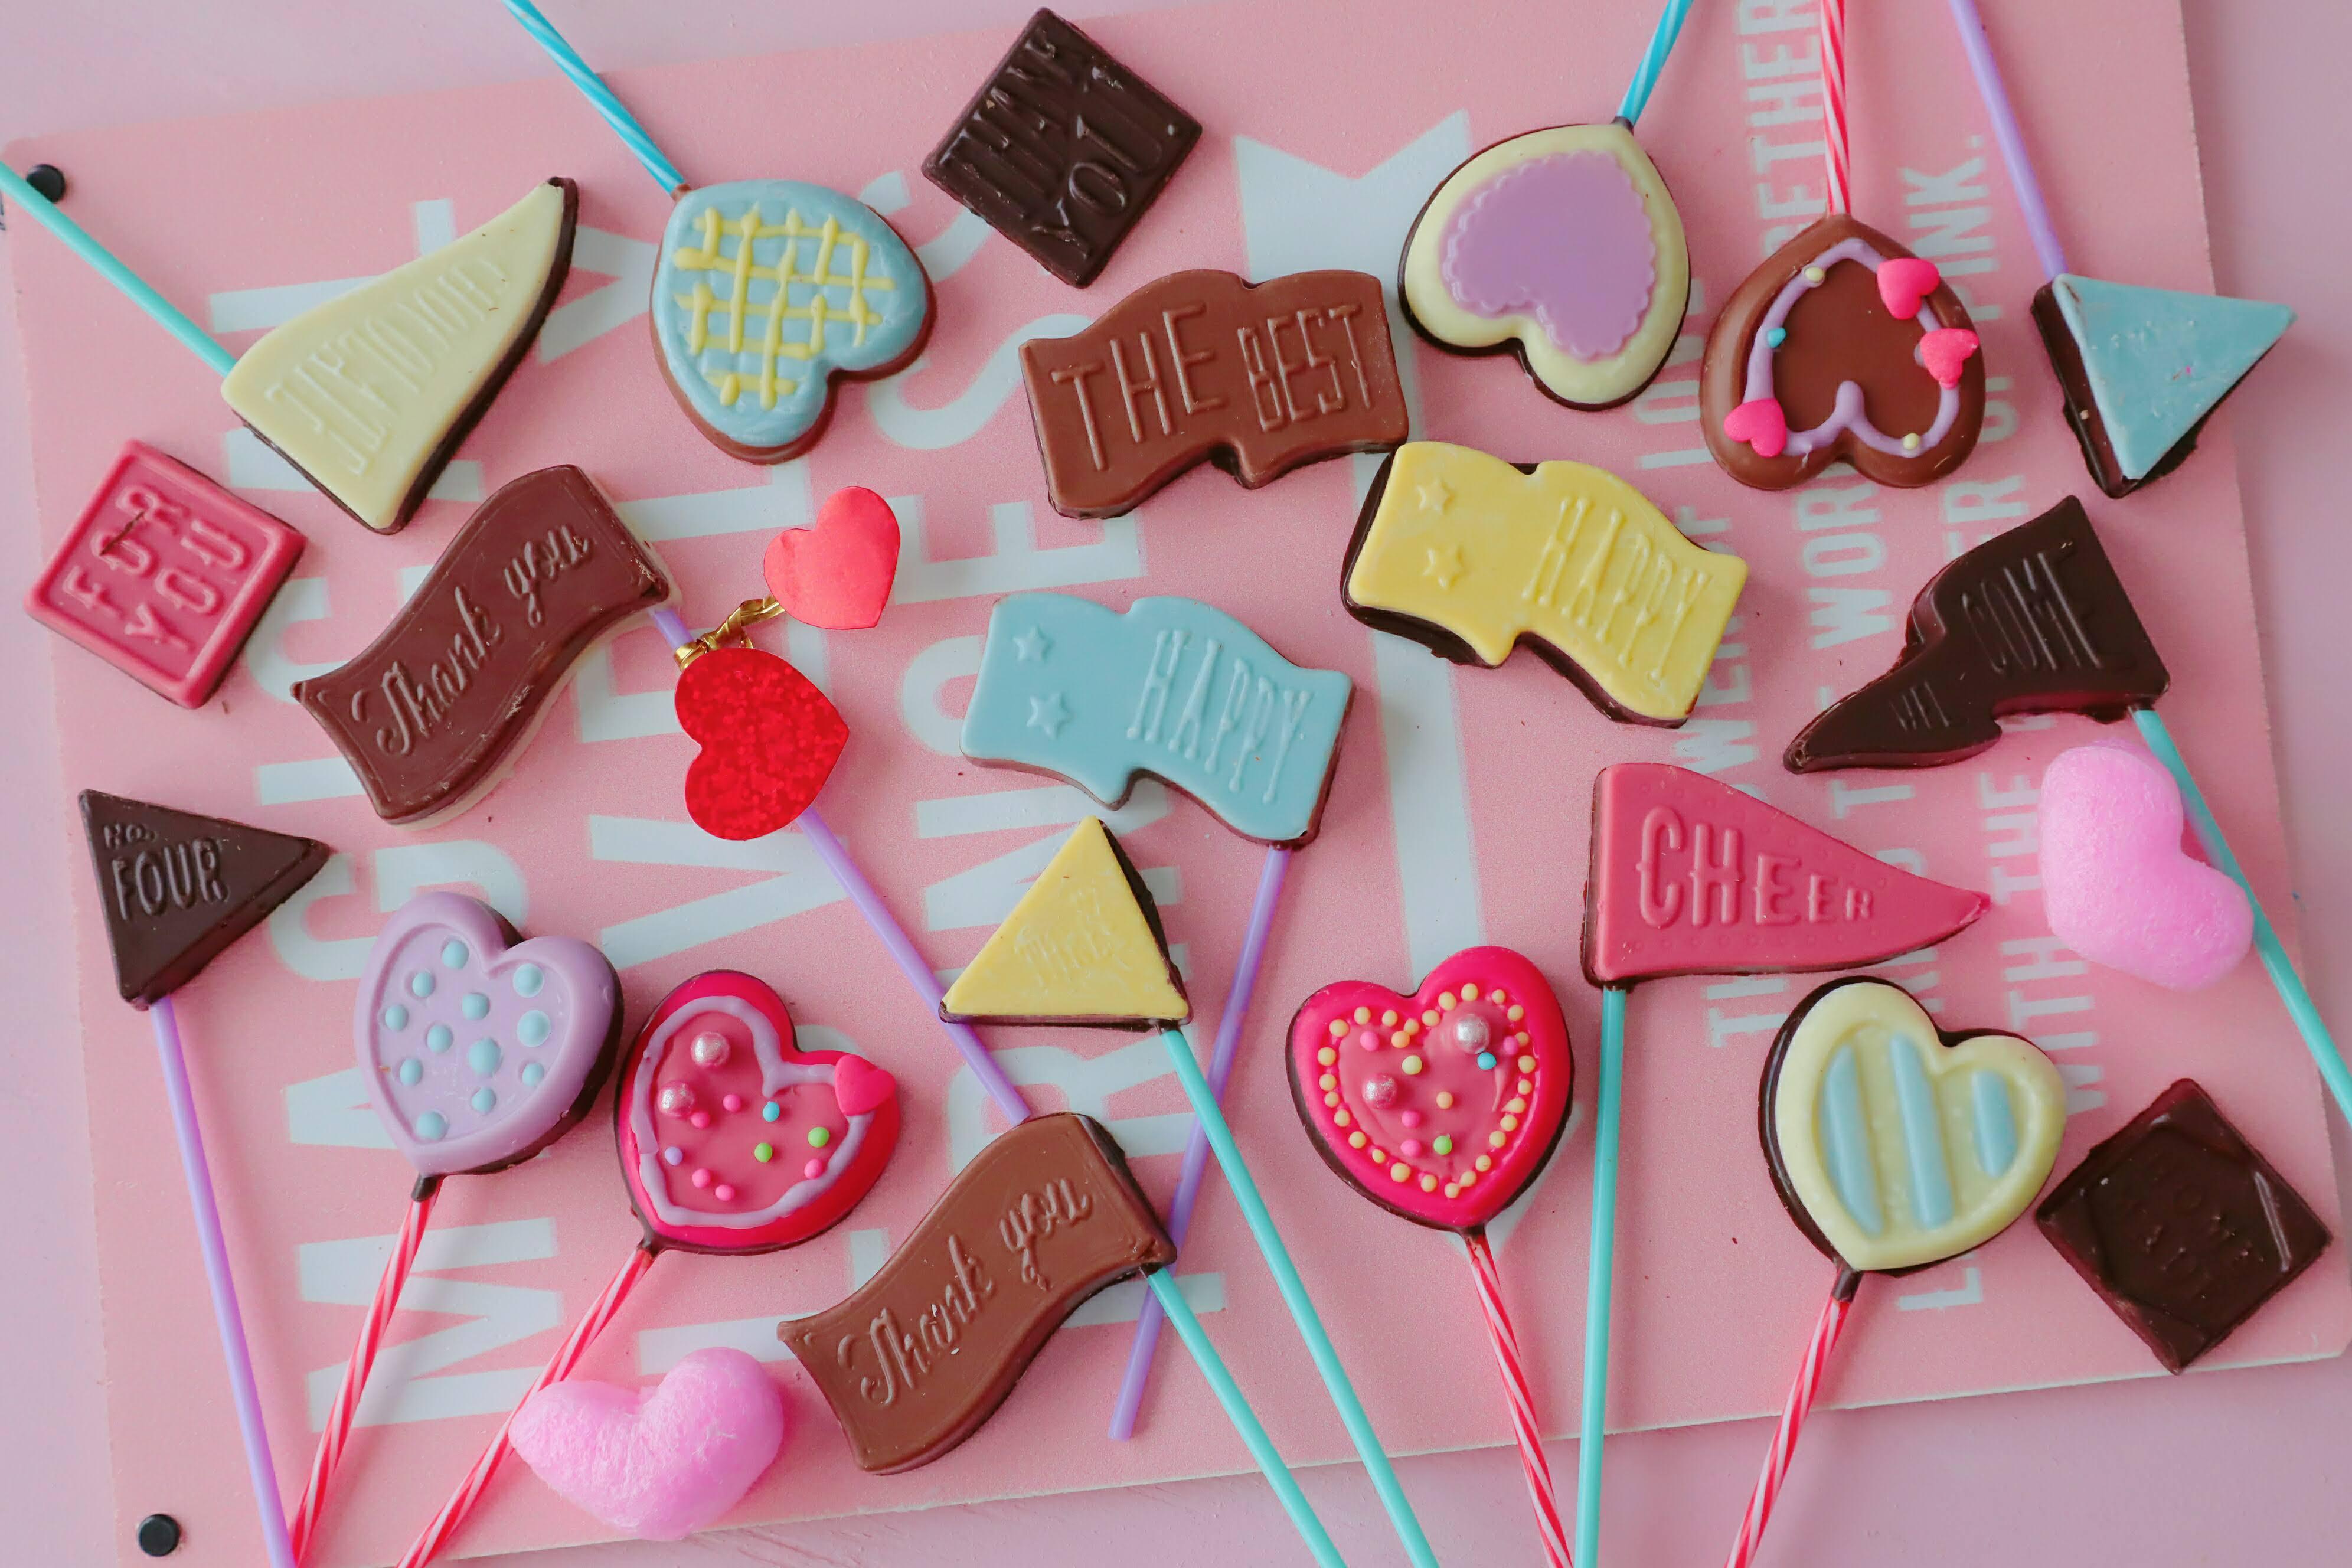 ロリポップチョコレシピカラフルでかわいいバレンタインの簡単大量